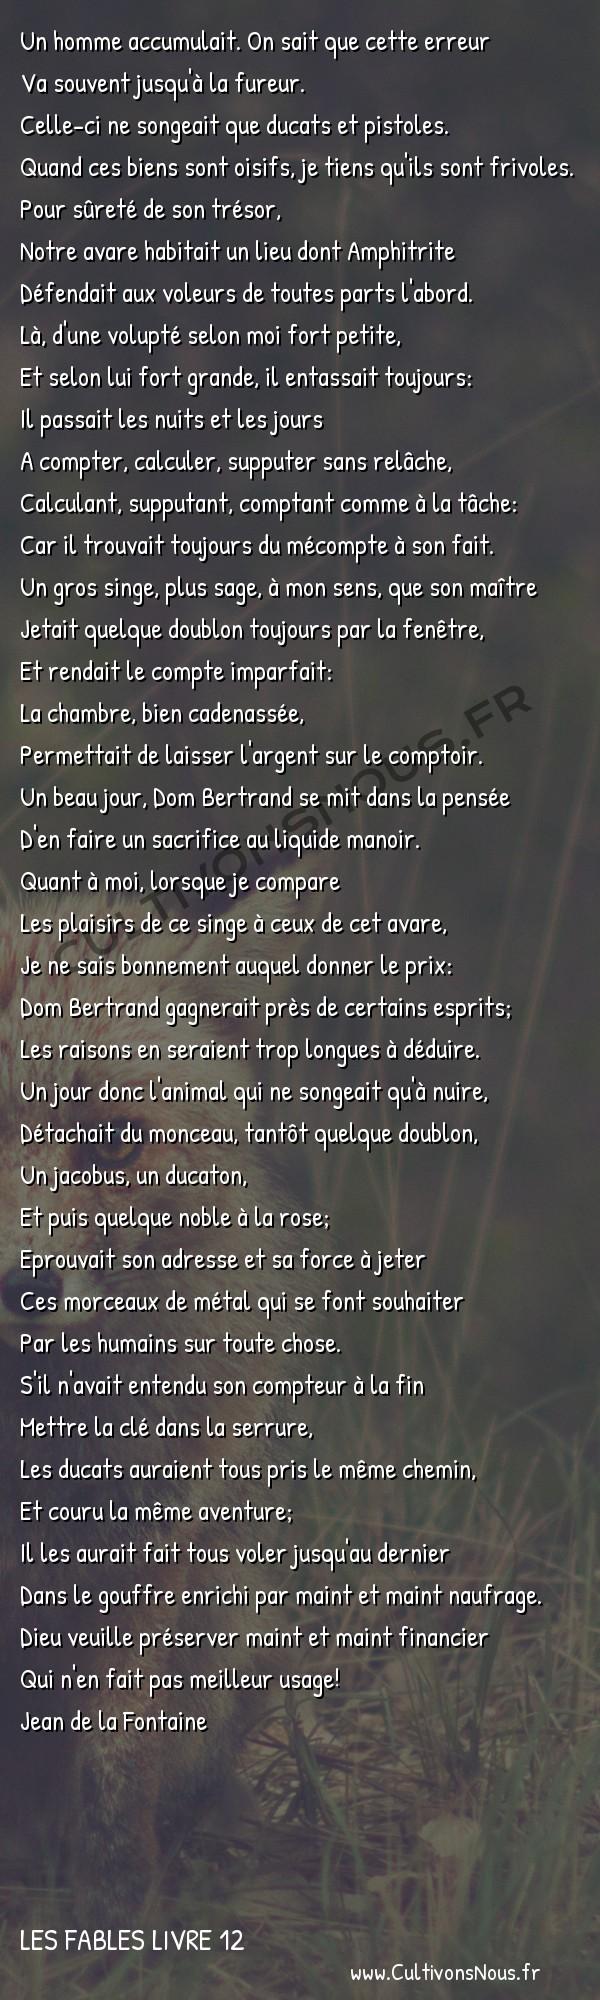 Fables Jean de la Fontaine - Les fables Livre 12 - Du thesauriseur et du singe -   Un homme accumulait. On sait que cette erreur Va souvent jusqu'à la fureur.